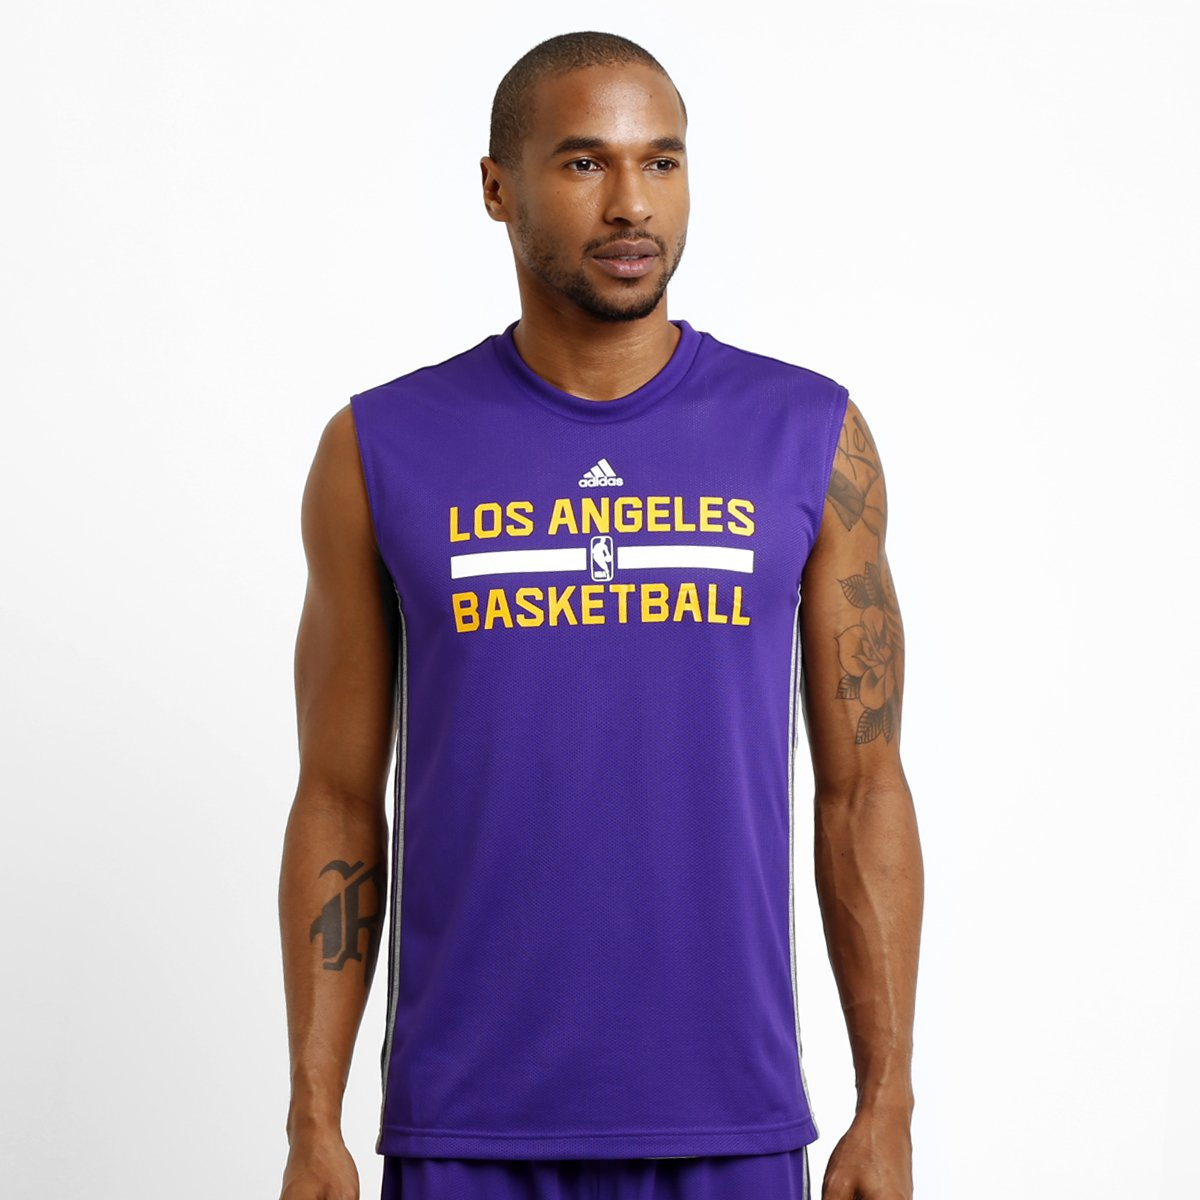 4d3045d83b492 Camiseta Regata Adidas NBA Los Angeles Lakers Reversivel - Compre Agora